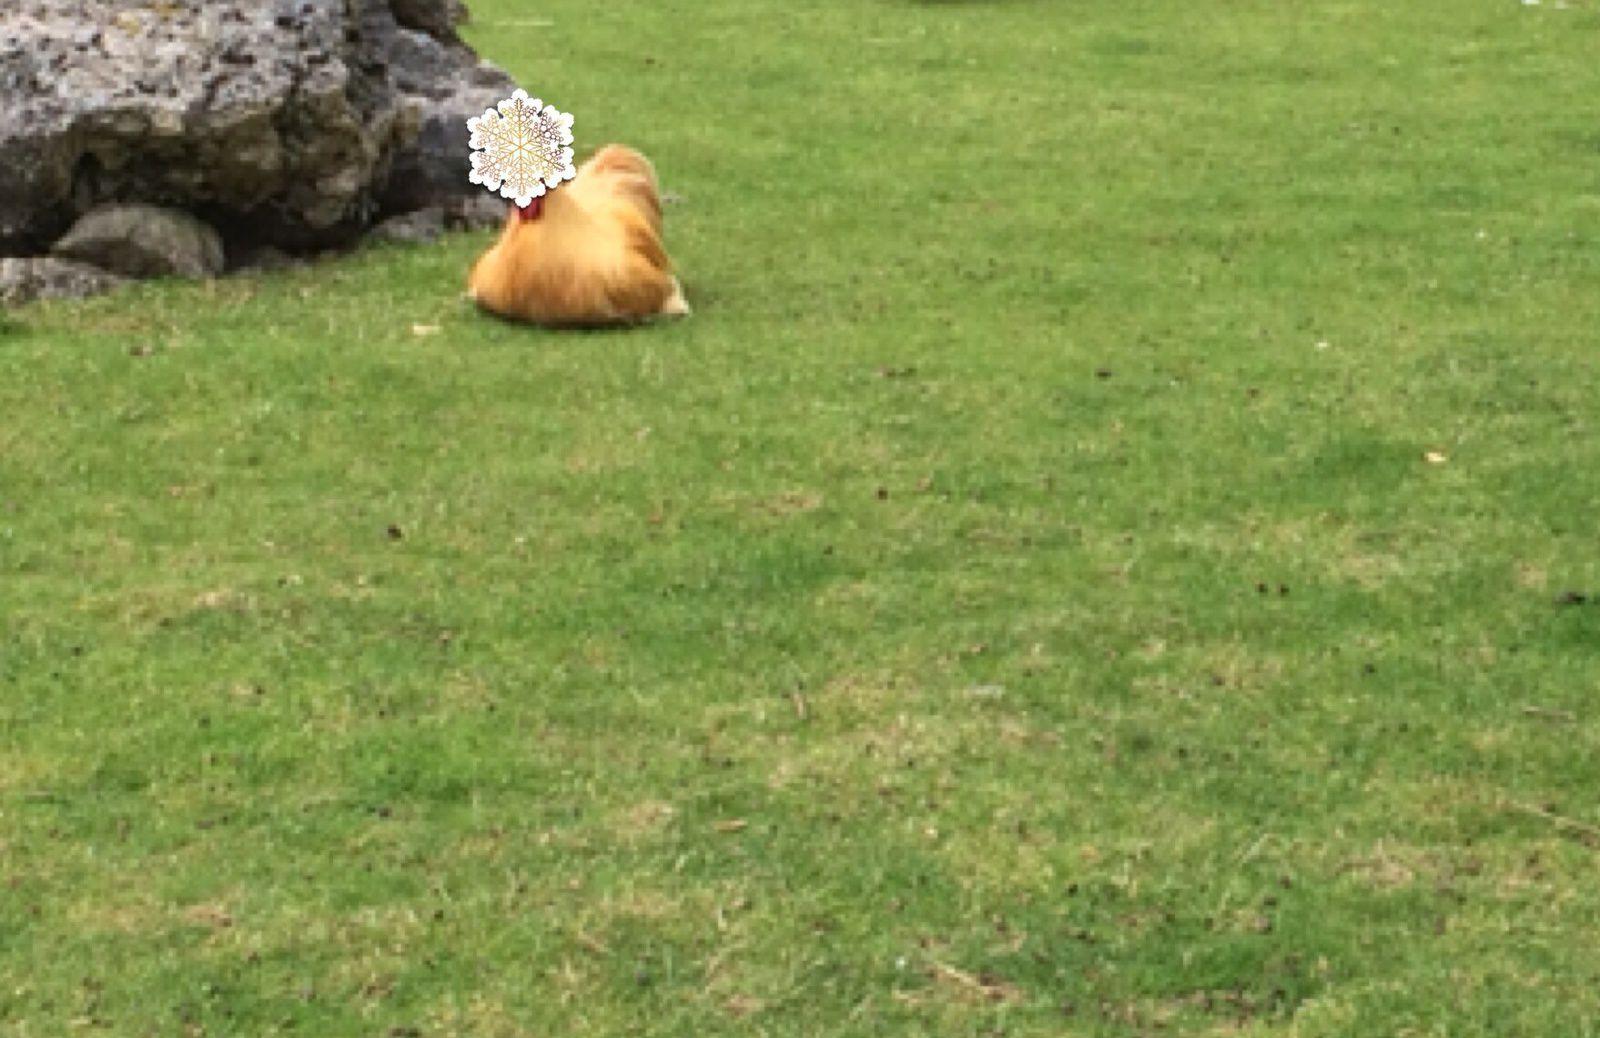 J'ai jamais vu des poules aussi grosses. Je sais pas ce qu'elles mangent mais elles mangent ça c'est sur